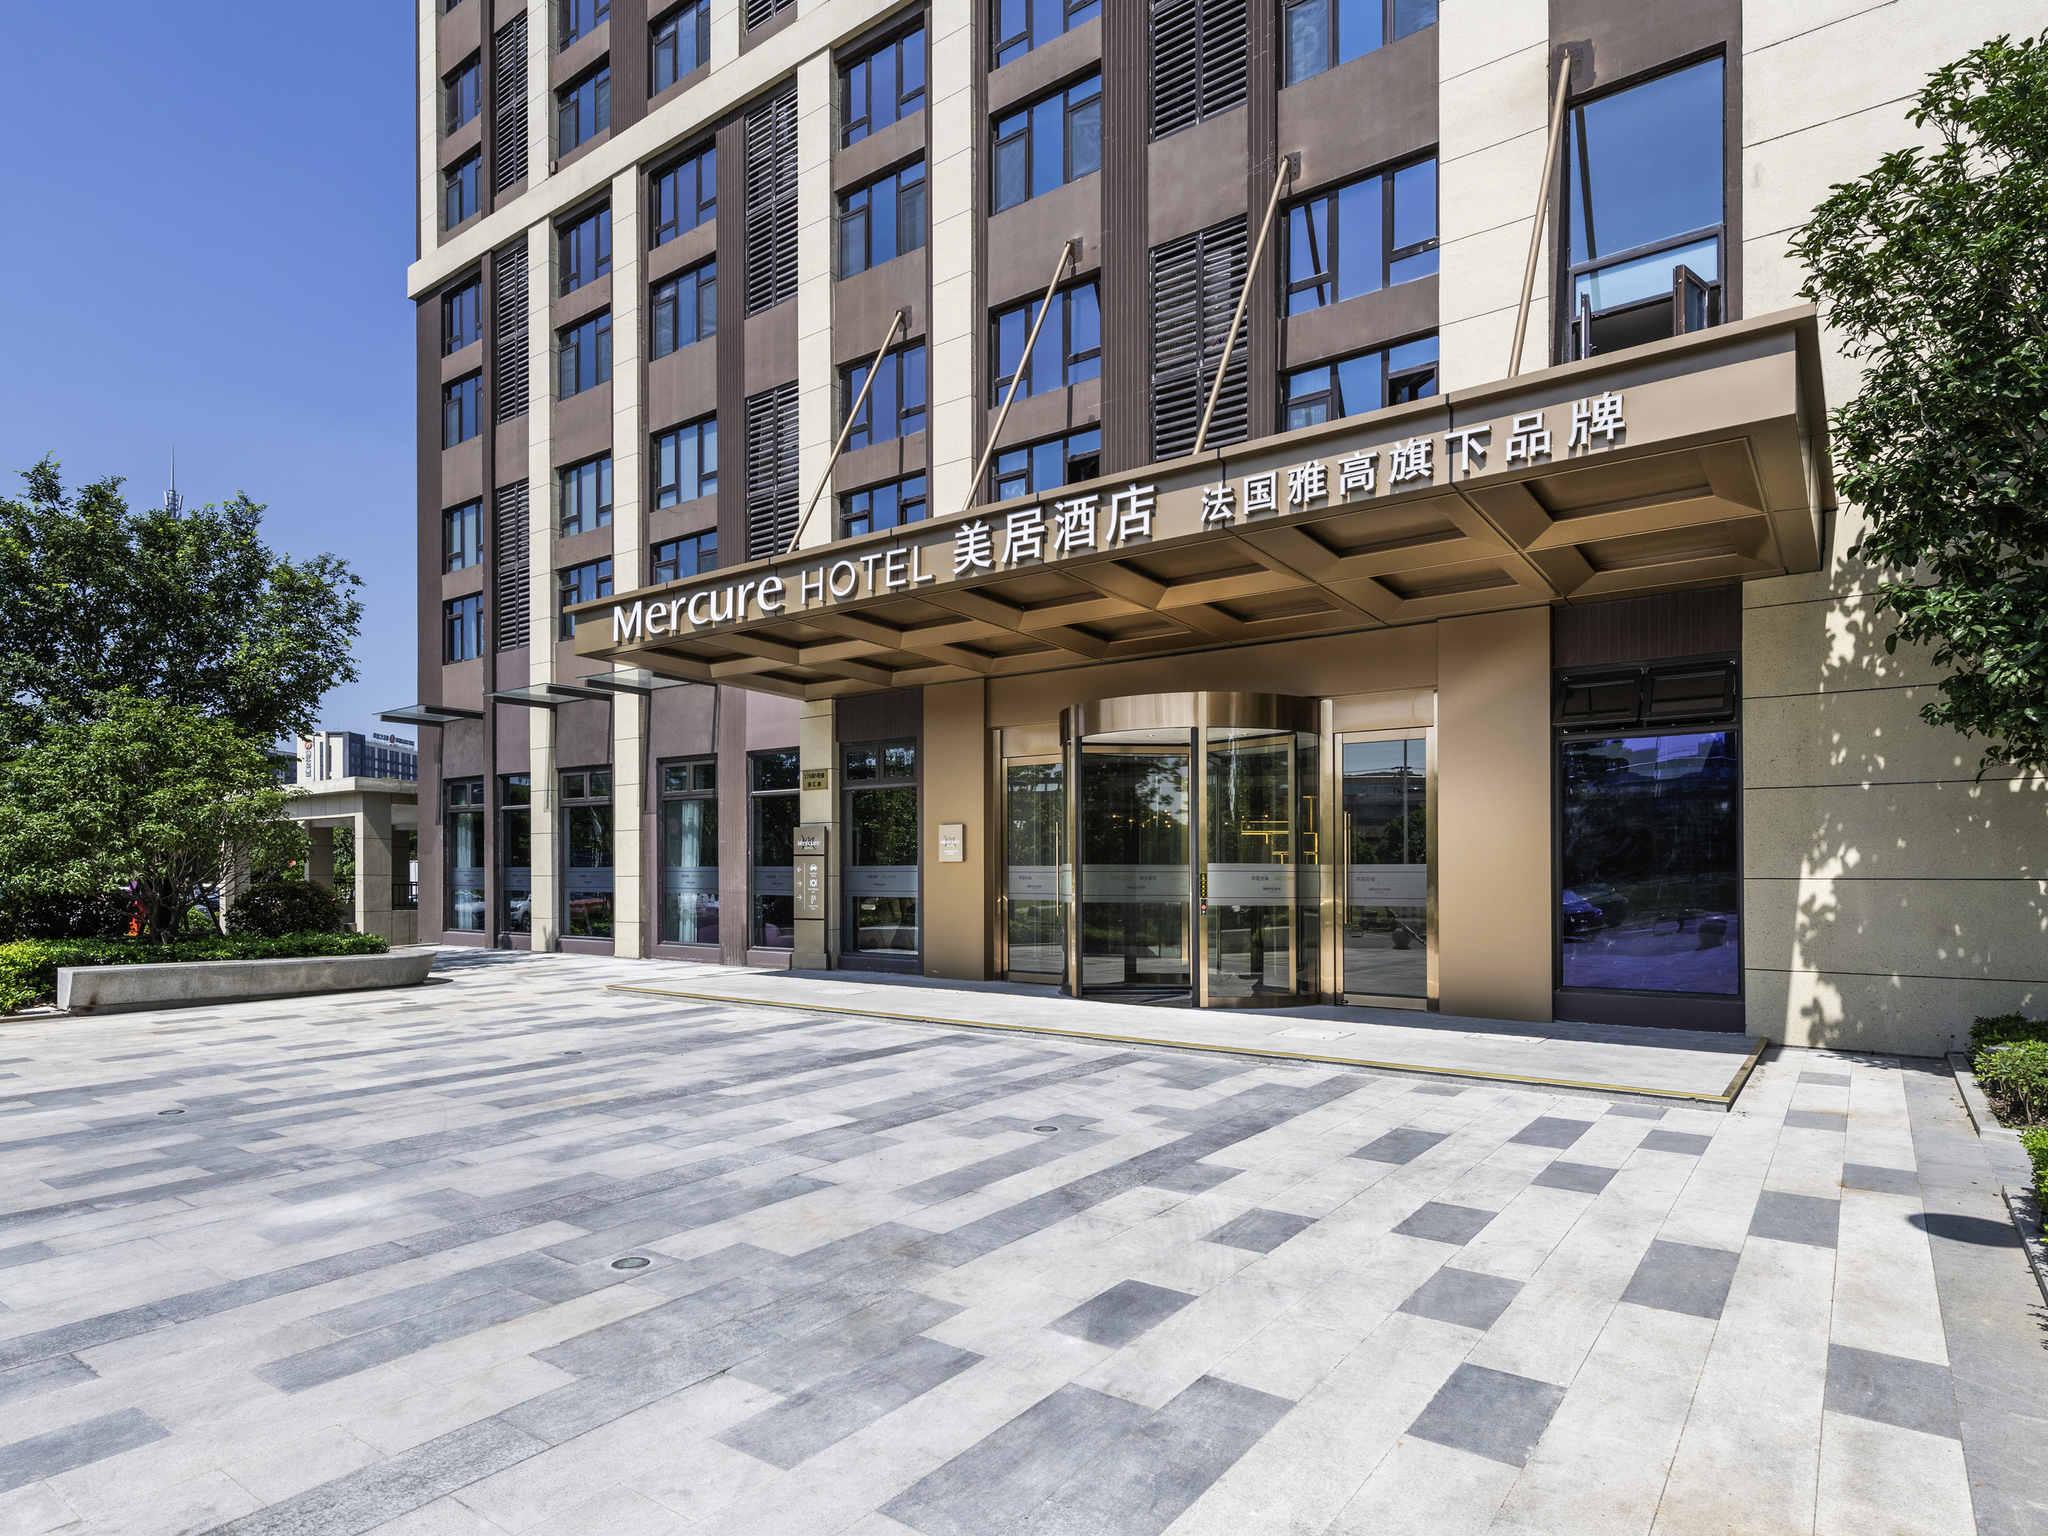 โรงแรม – เมอร์เคียว เซี่ยงไฮ้ จุยติ่ง